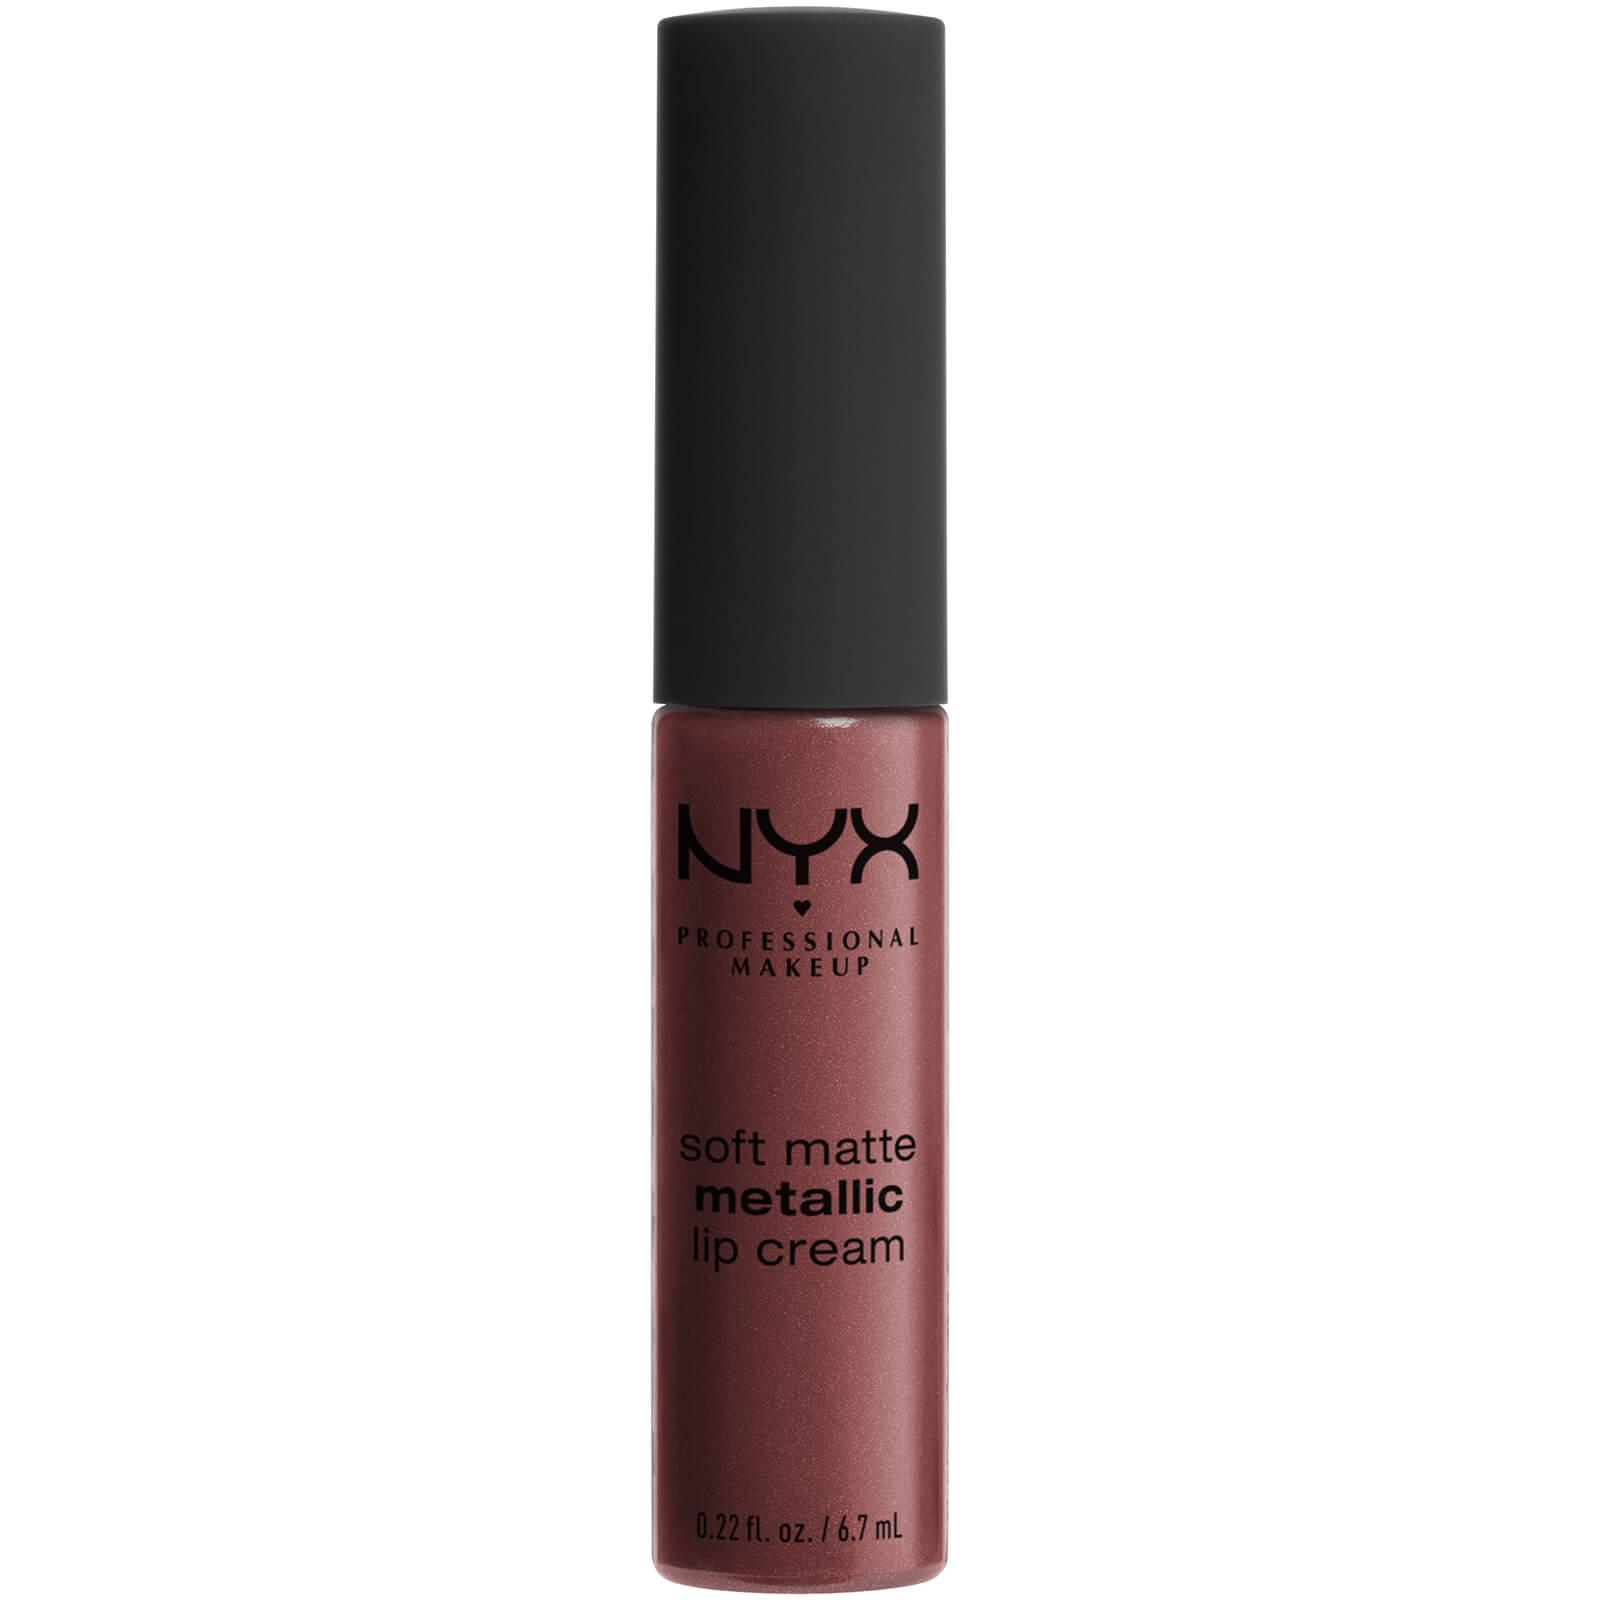 Купить Матовая жидкая помада-крем с металлическим финишем NYX Professional Makeup Soft Matte Metallic Lip Cream (различные оттенки) - Rome